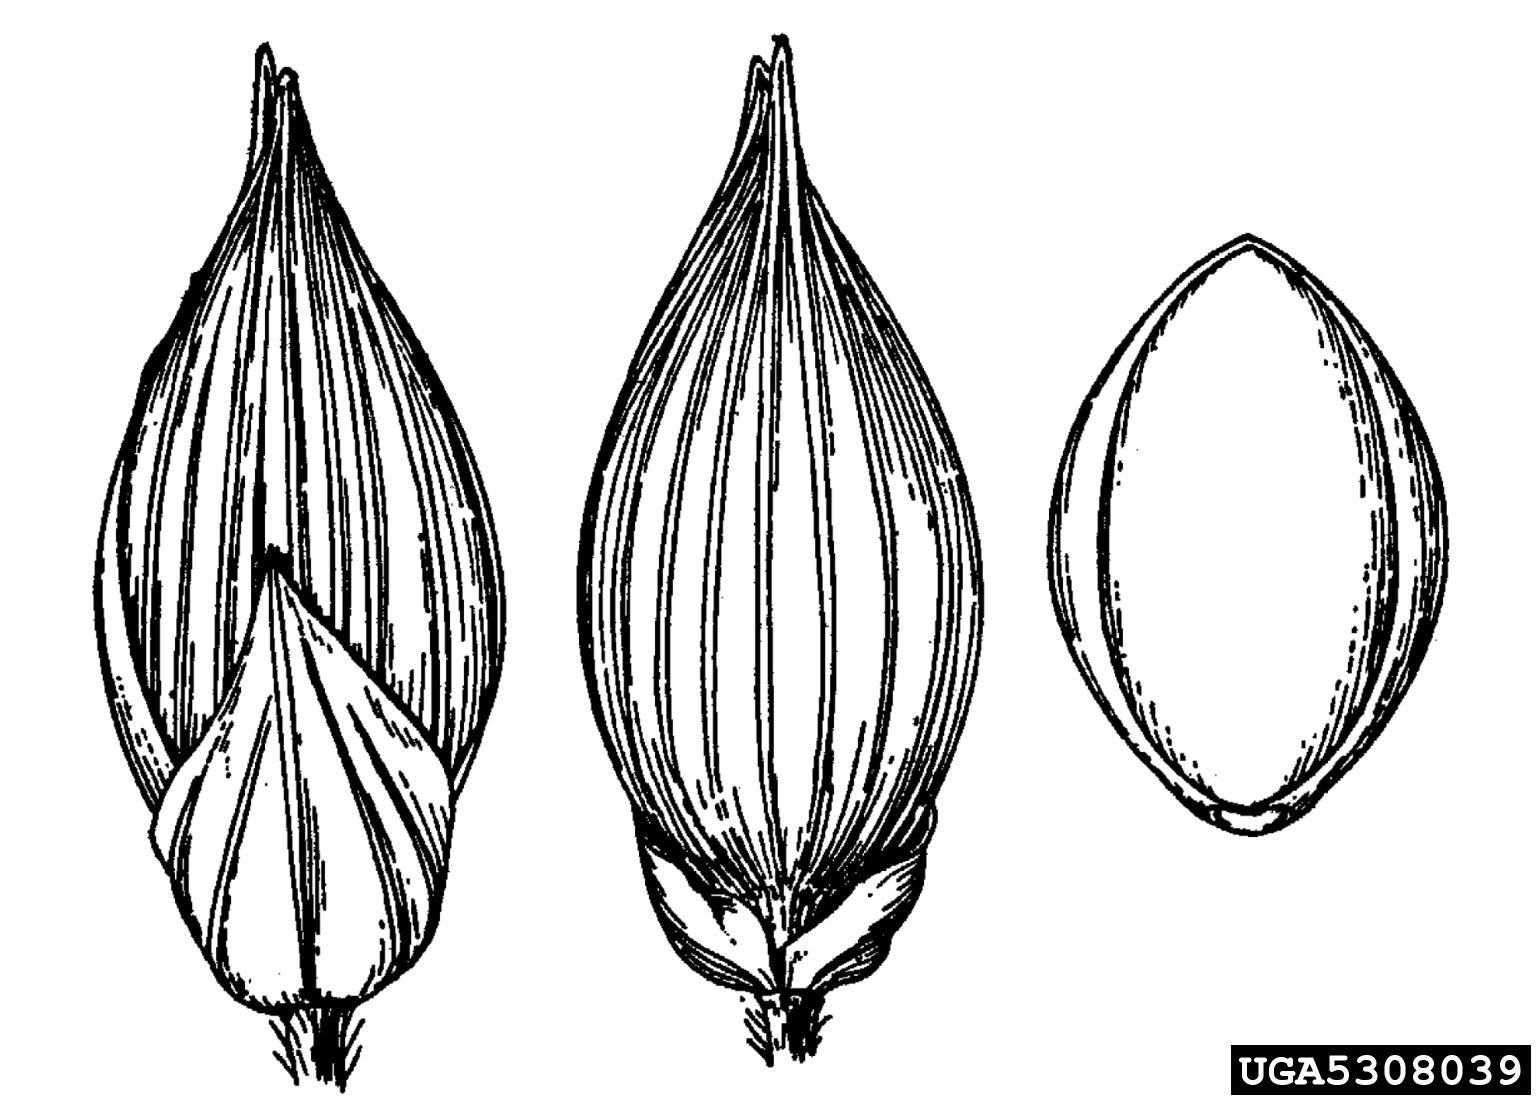 Wild Proso Millet Panicum Miliaceum Cyperales Poaceae